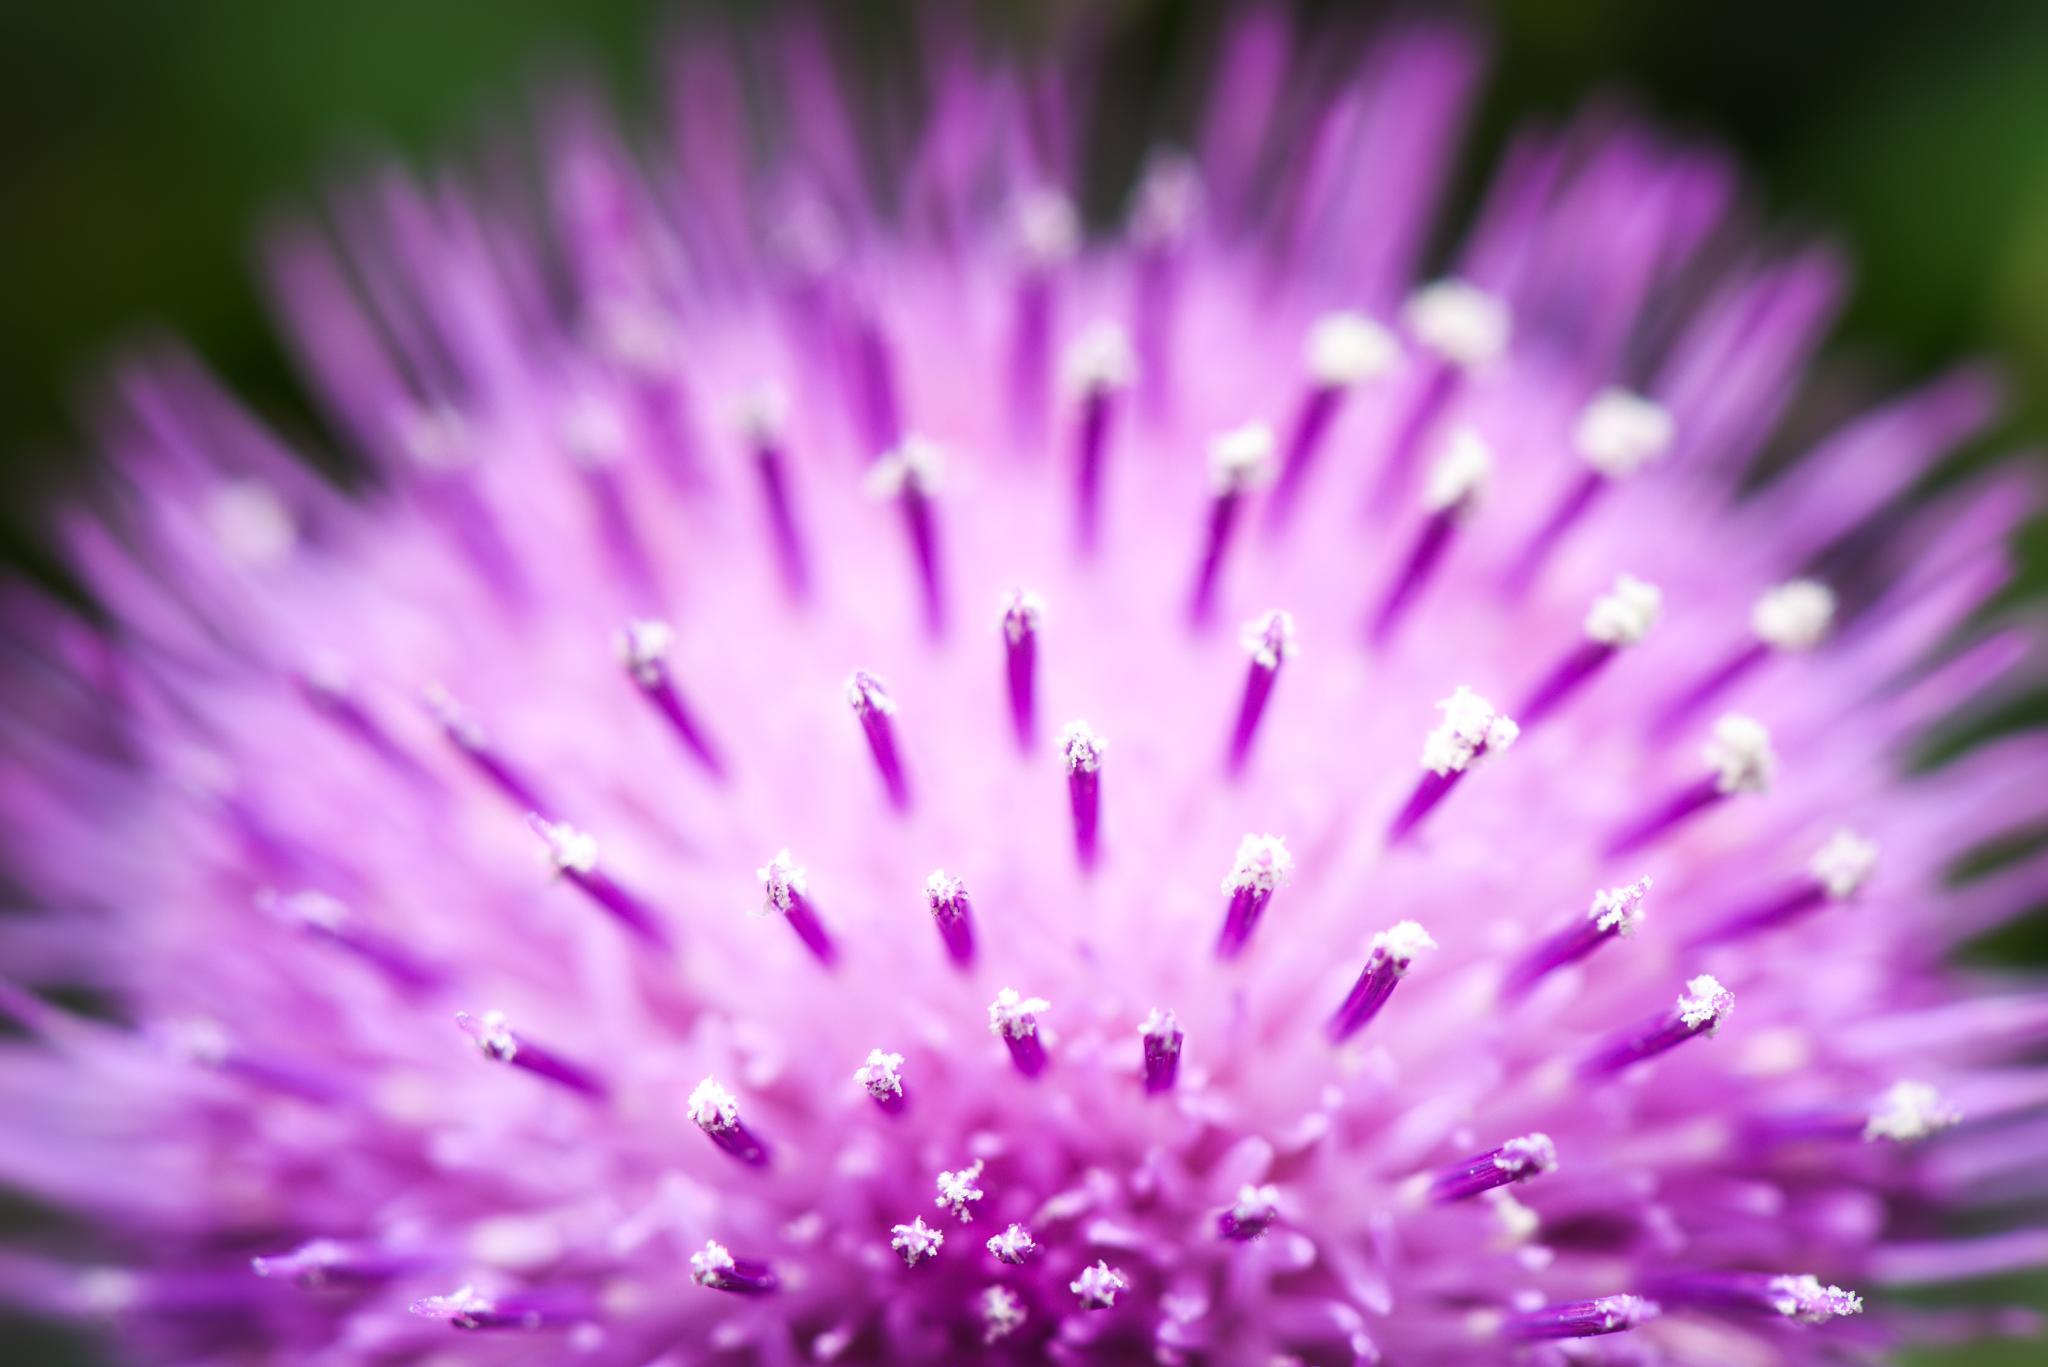 Flowers macro by pslee